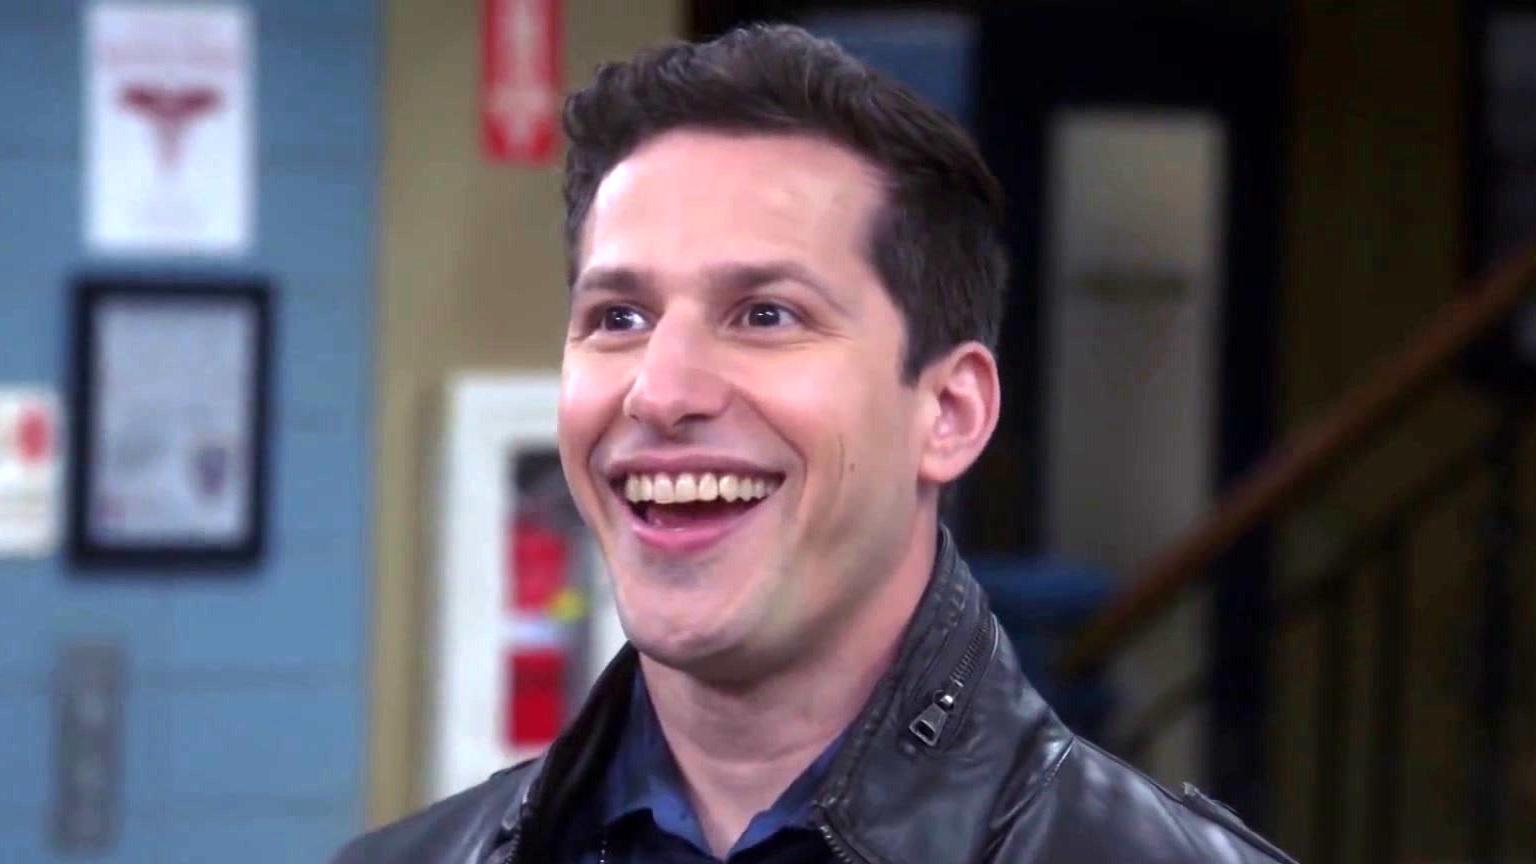 Brooklyn Nine-Nine: Doug Needs Jake